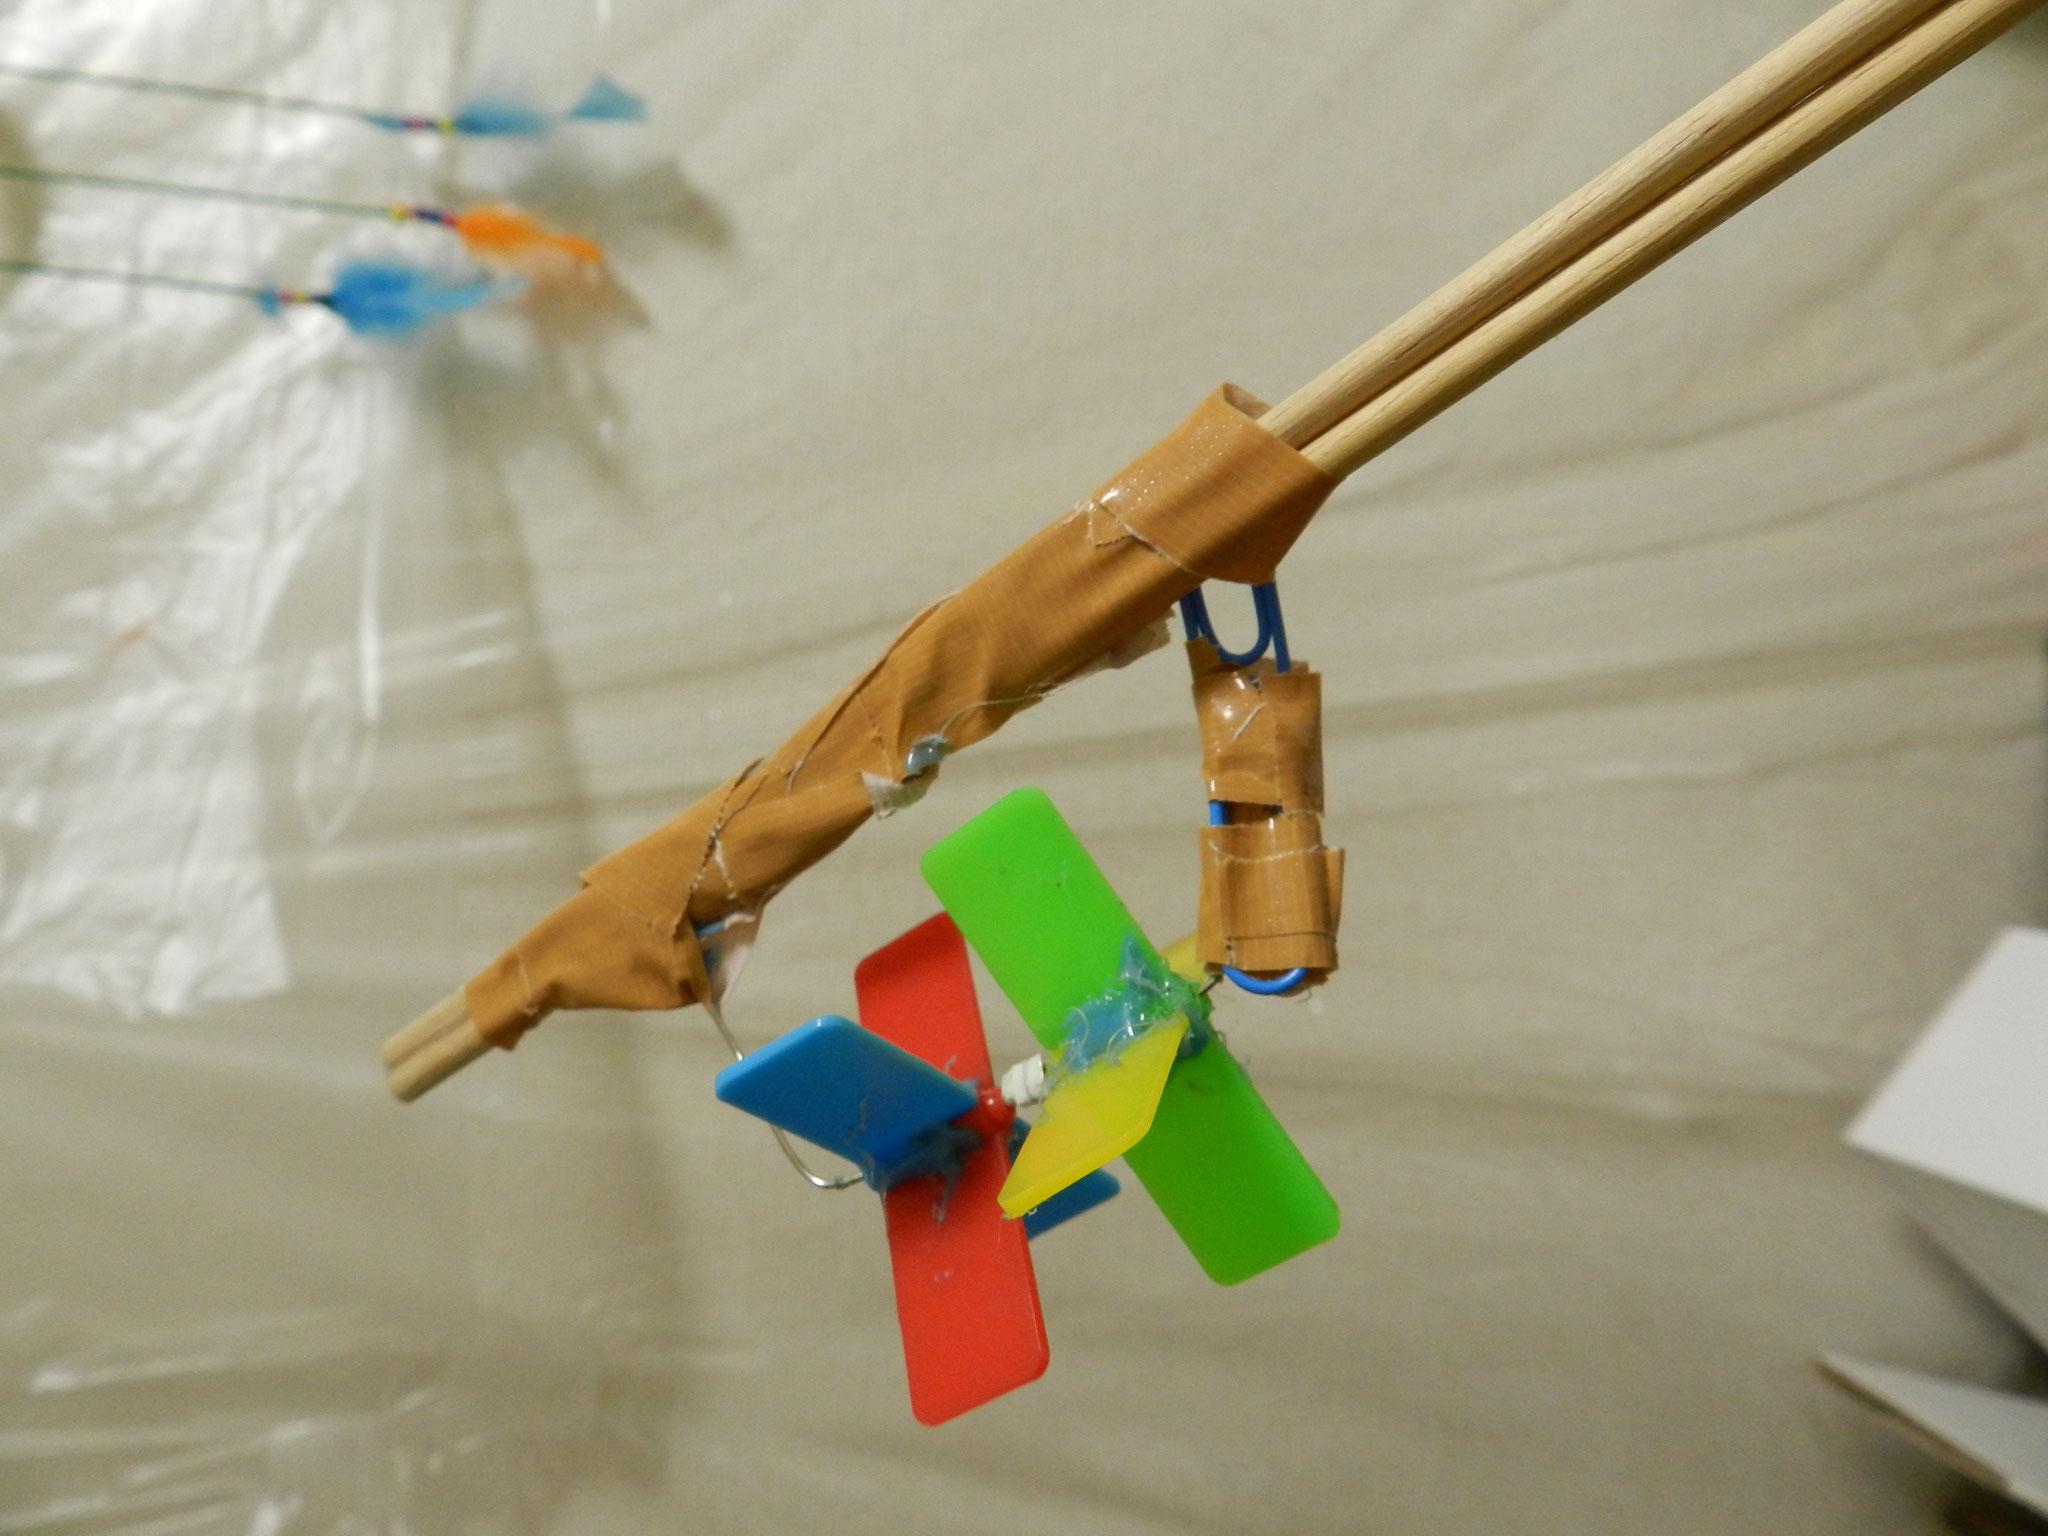 長い木の棒の先端に風車を作りました★(小1)試行錯誤を繰り返し根気よく取り組みました。